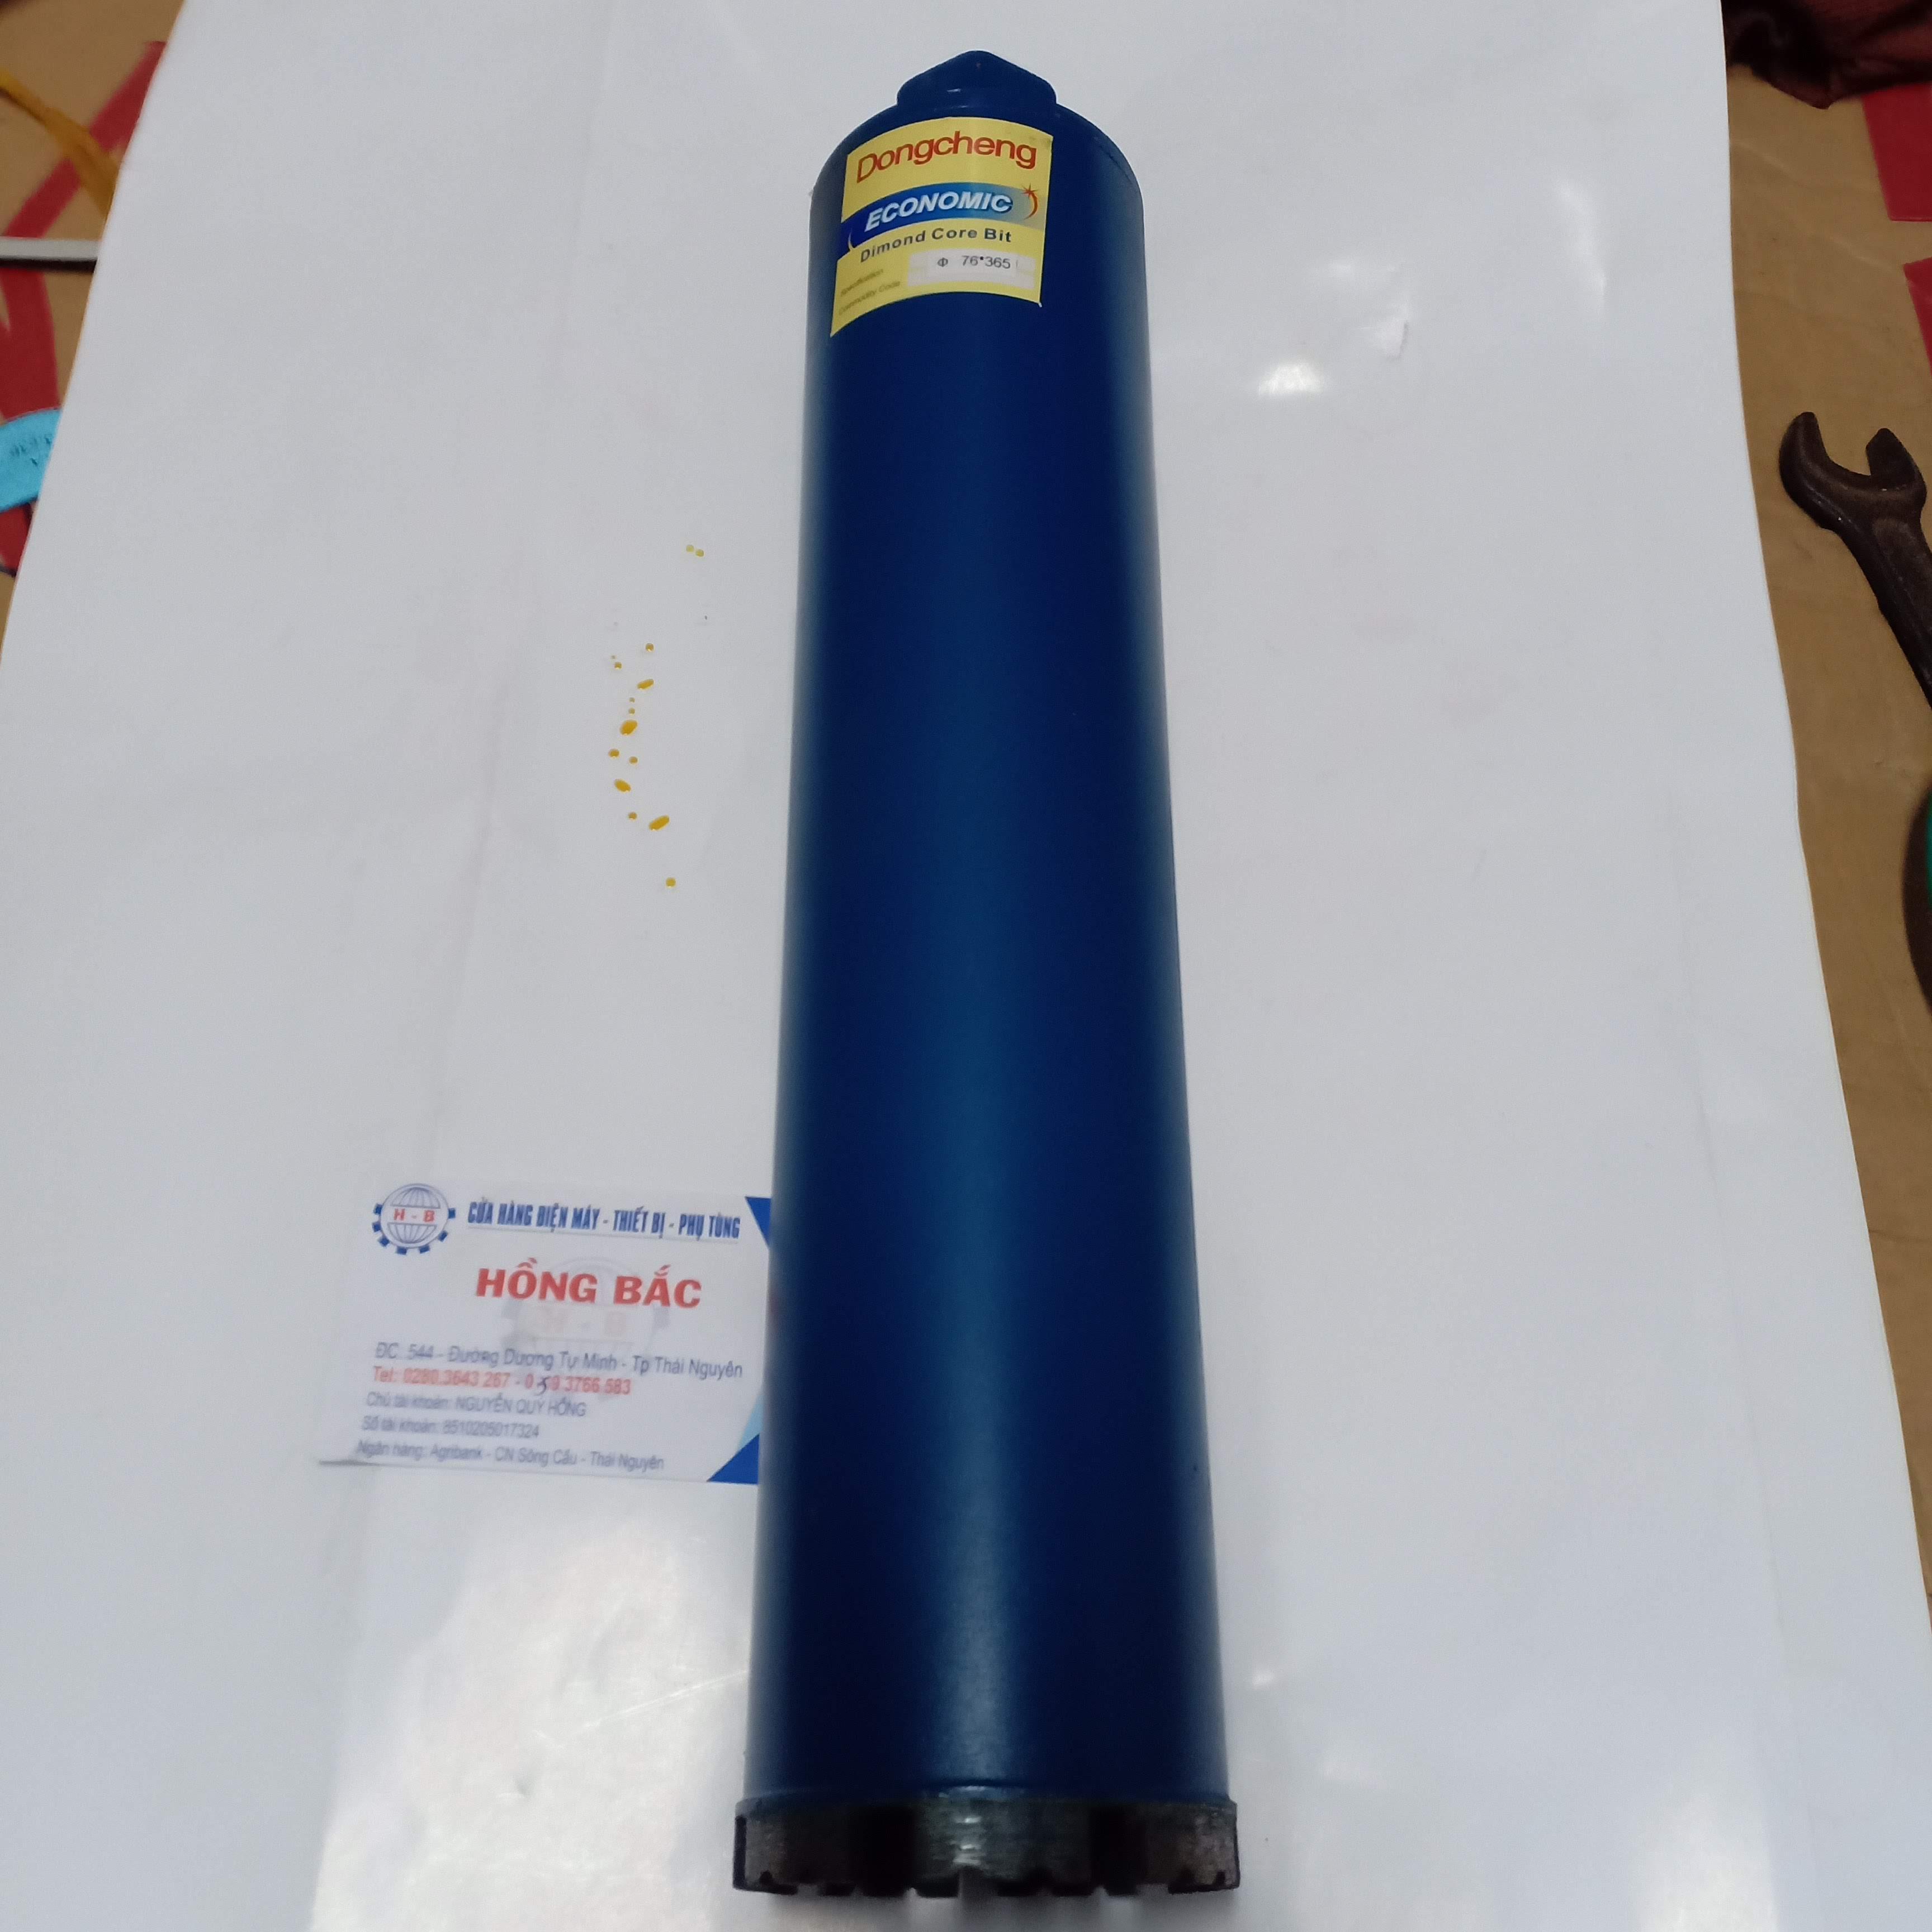 Mũi khoan rút lõi Dongcheng kích thước 63x365mm lưỡi hợp kim chuyên dụng cho thợ điện nước ,điều hòa